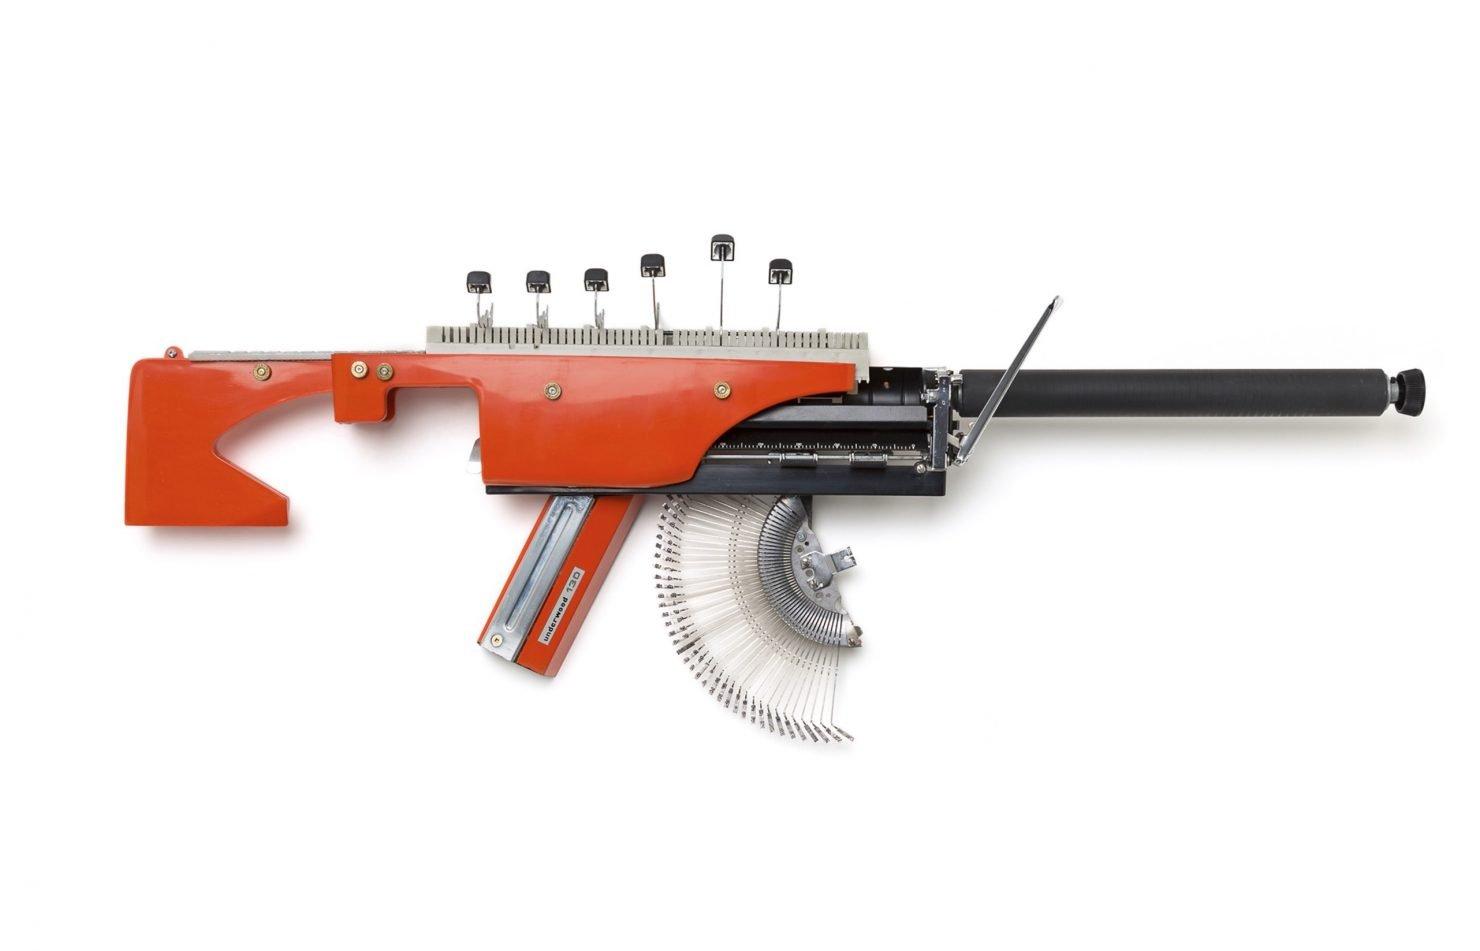 Typewriter Guns 1 1480x951 - Typewriter Guns